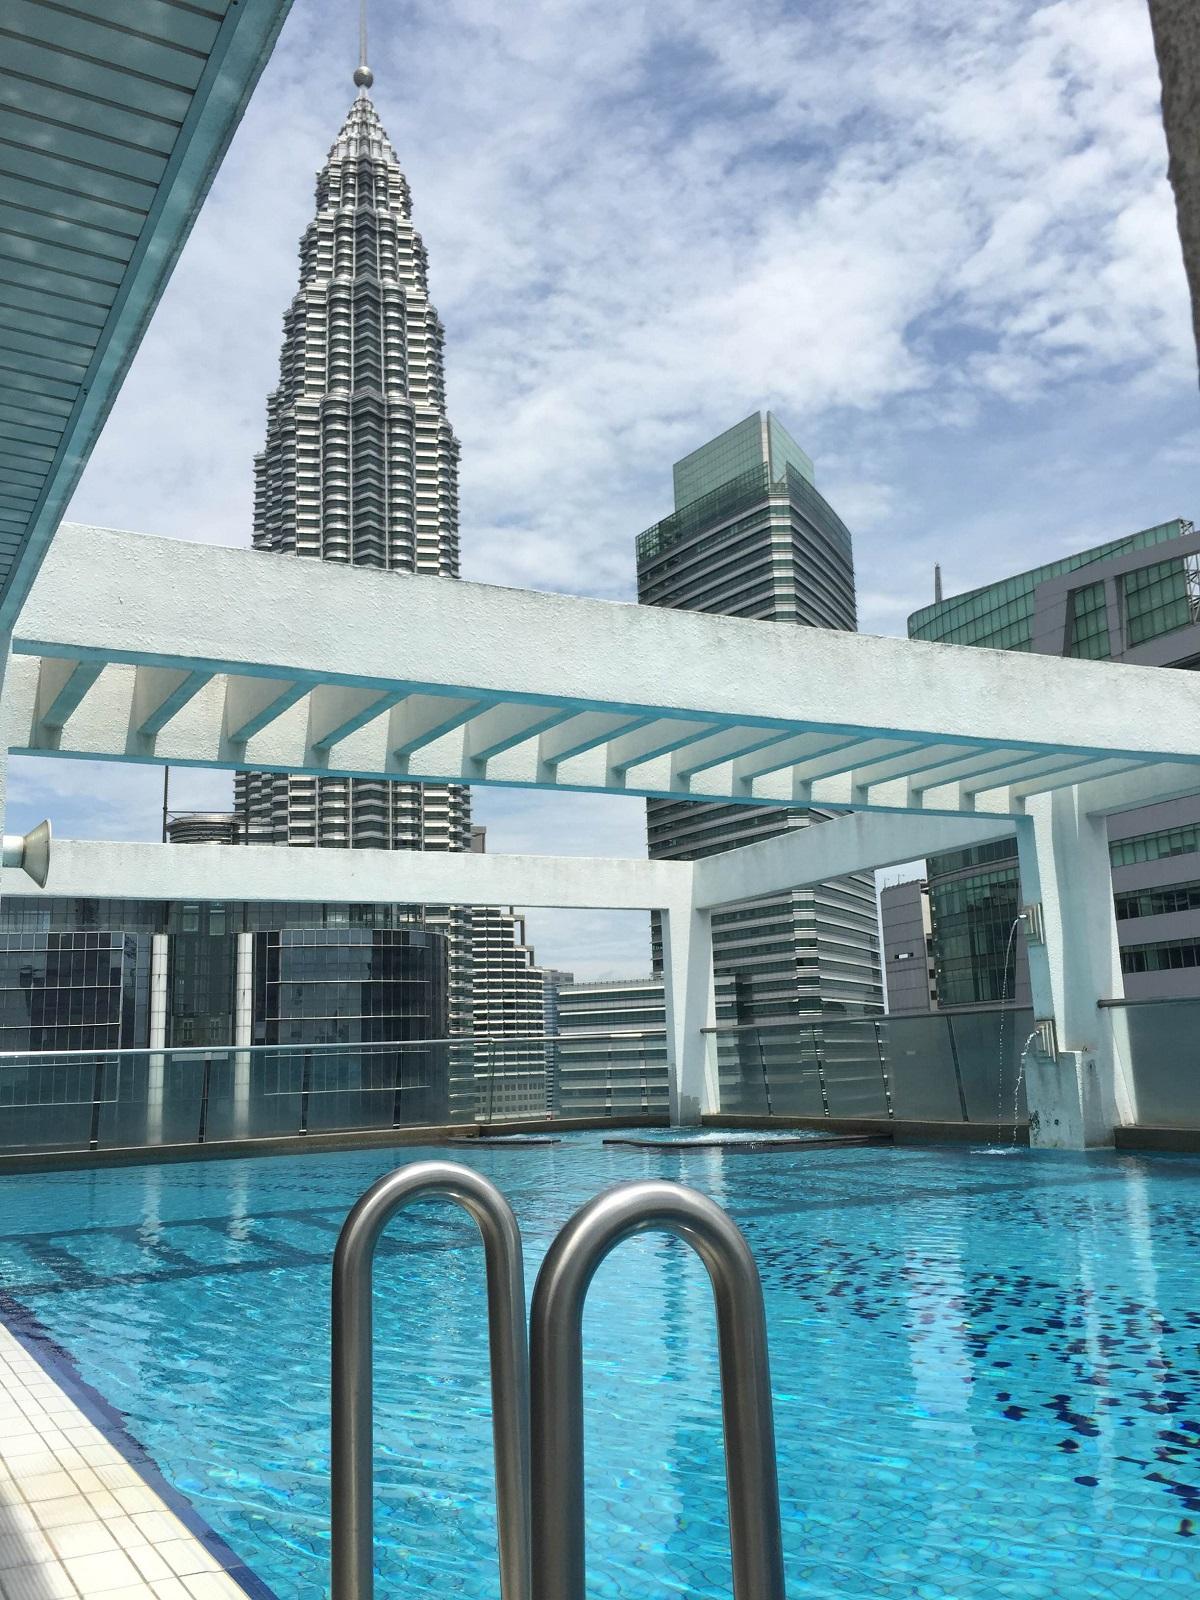 Petronas Towers from rooftop pool in Kuala Lumpur, Malaysia